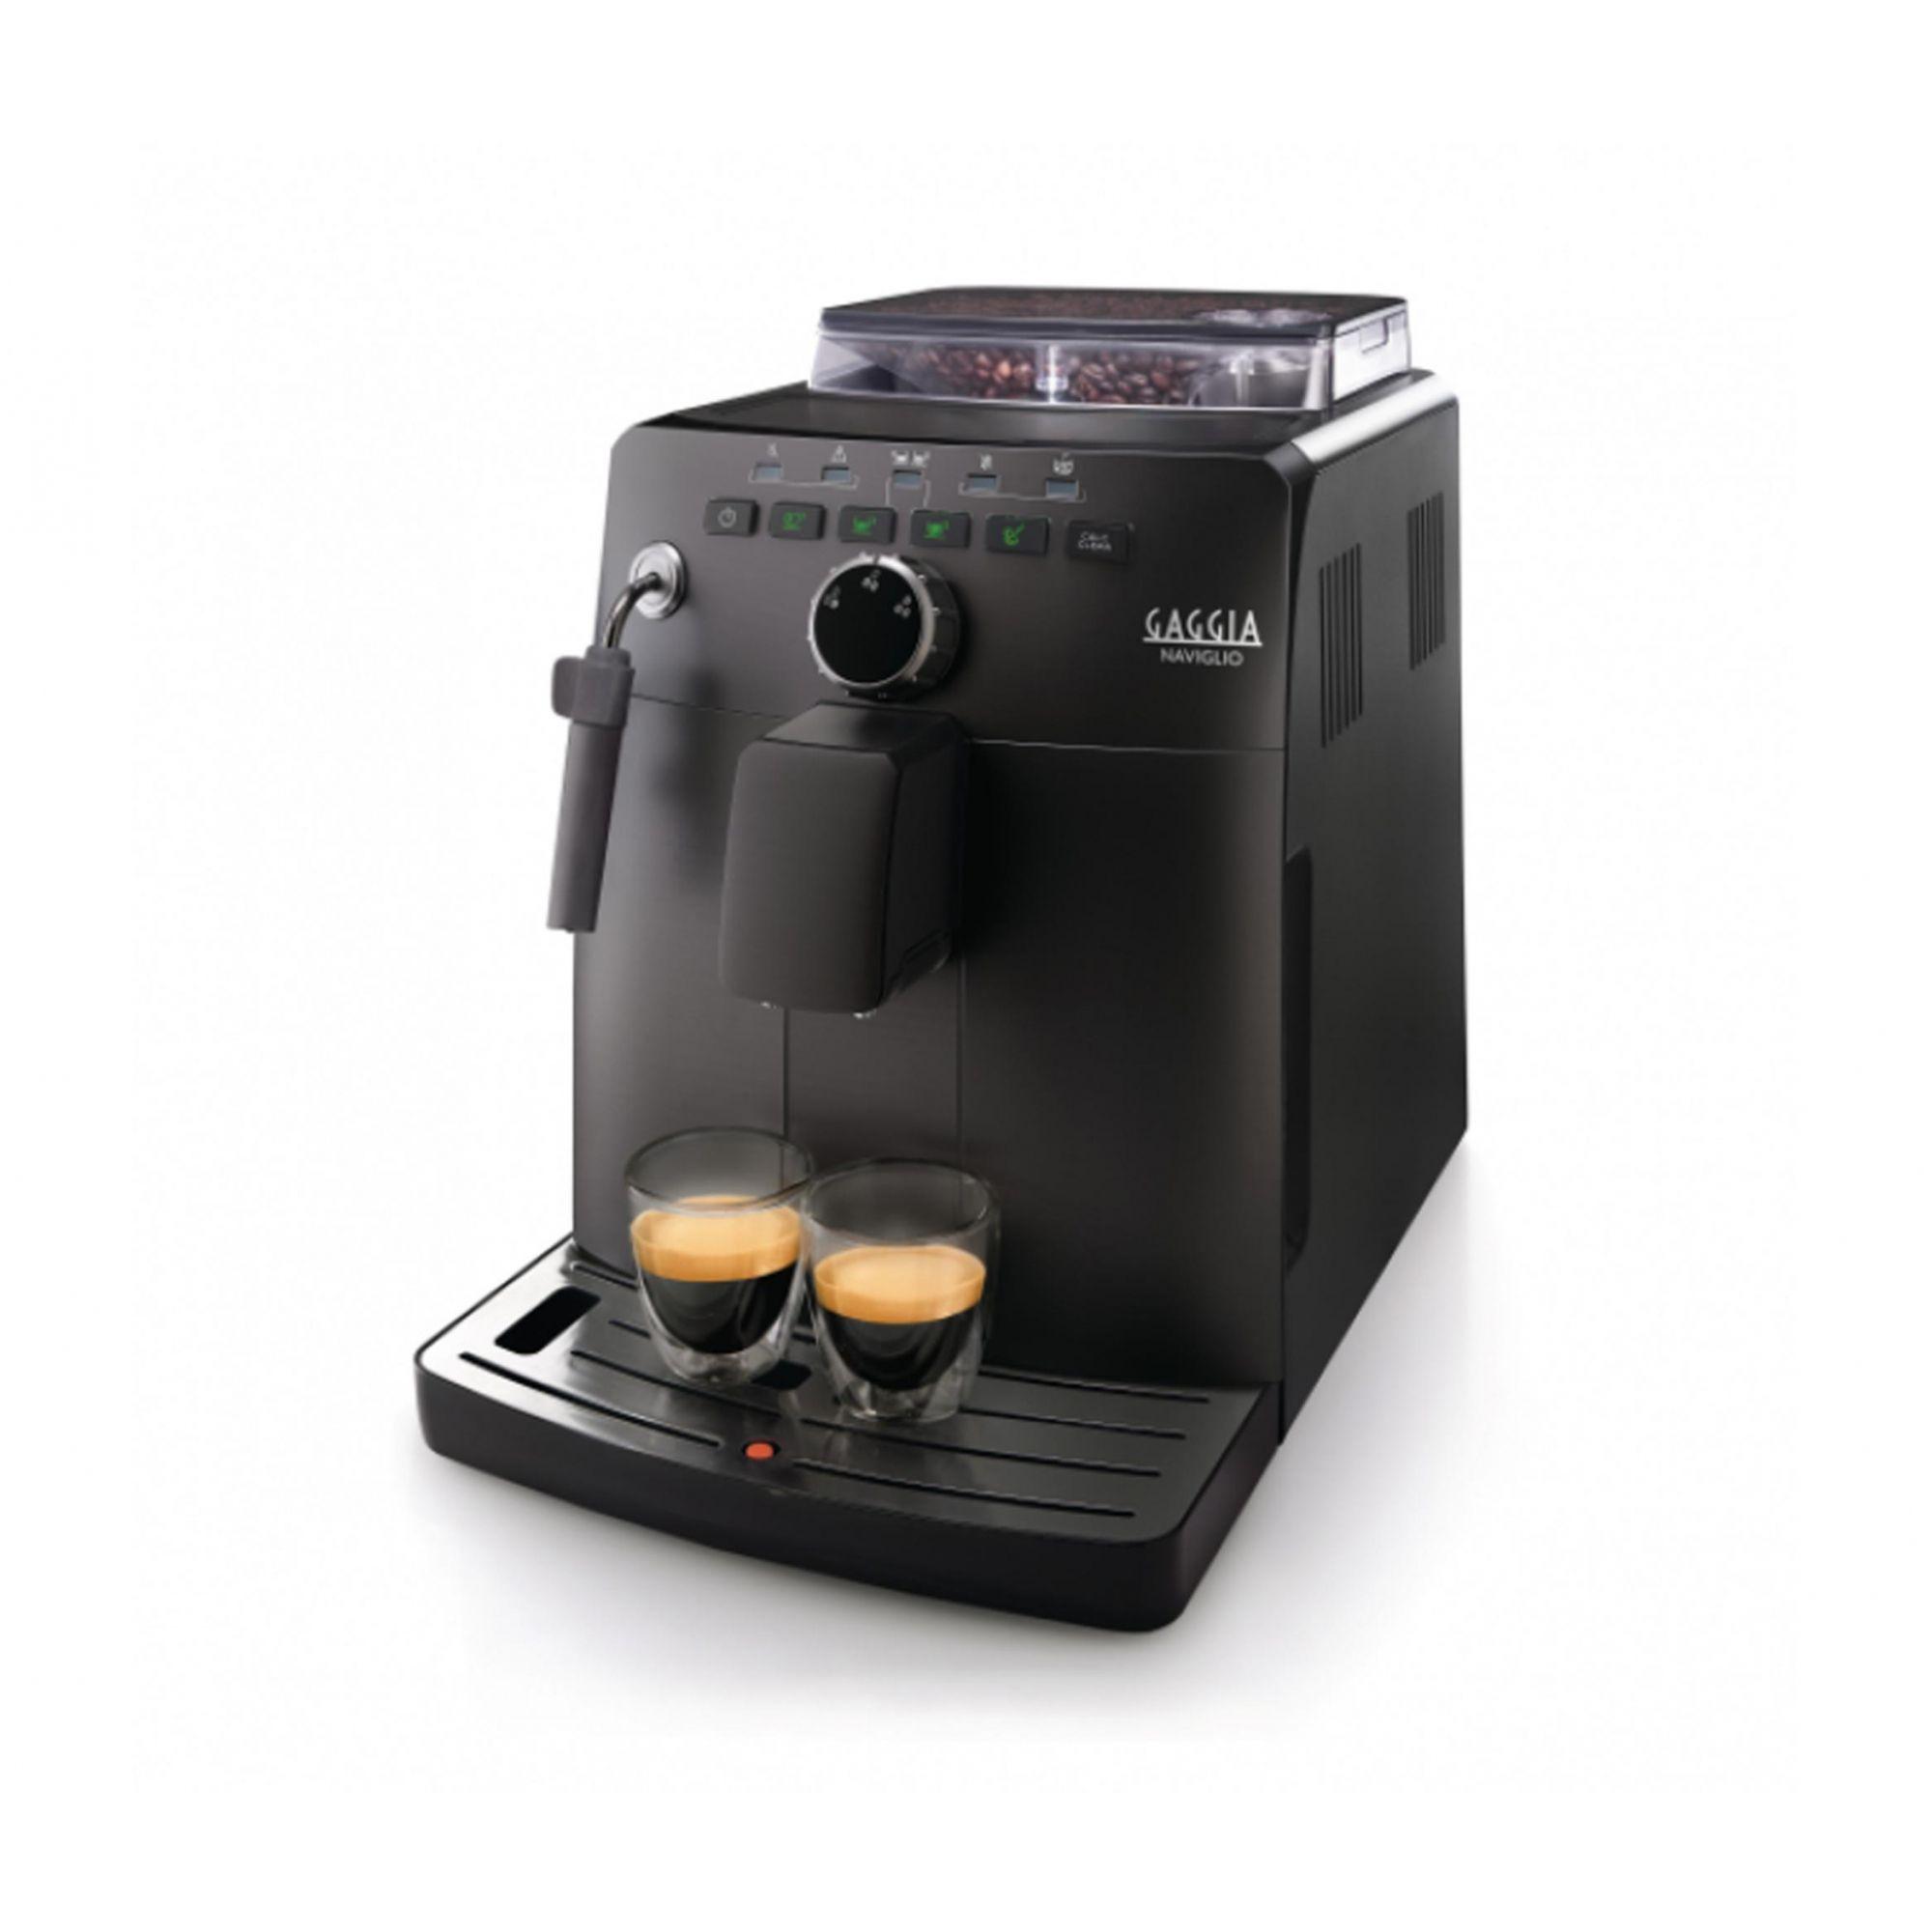 Cafeteira Espresso Máquina com Moedor Naviglio Gaggia